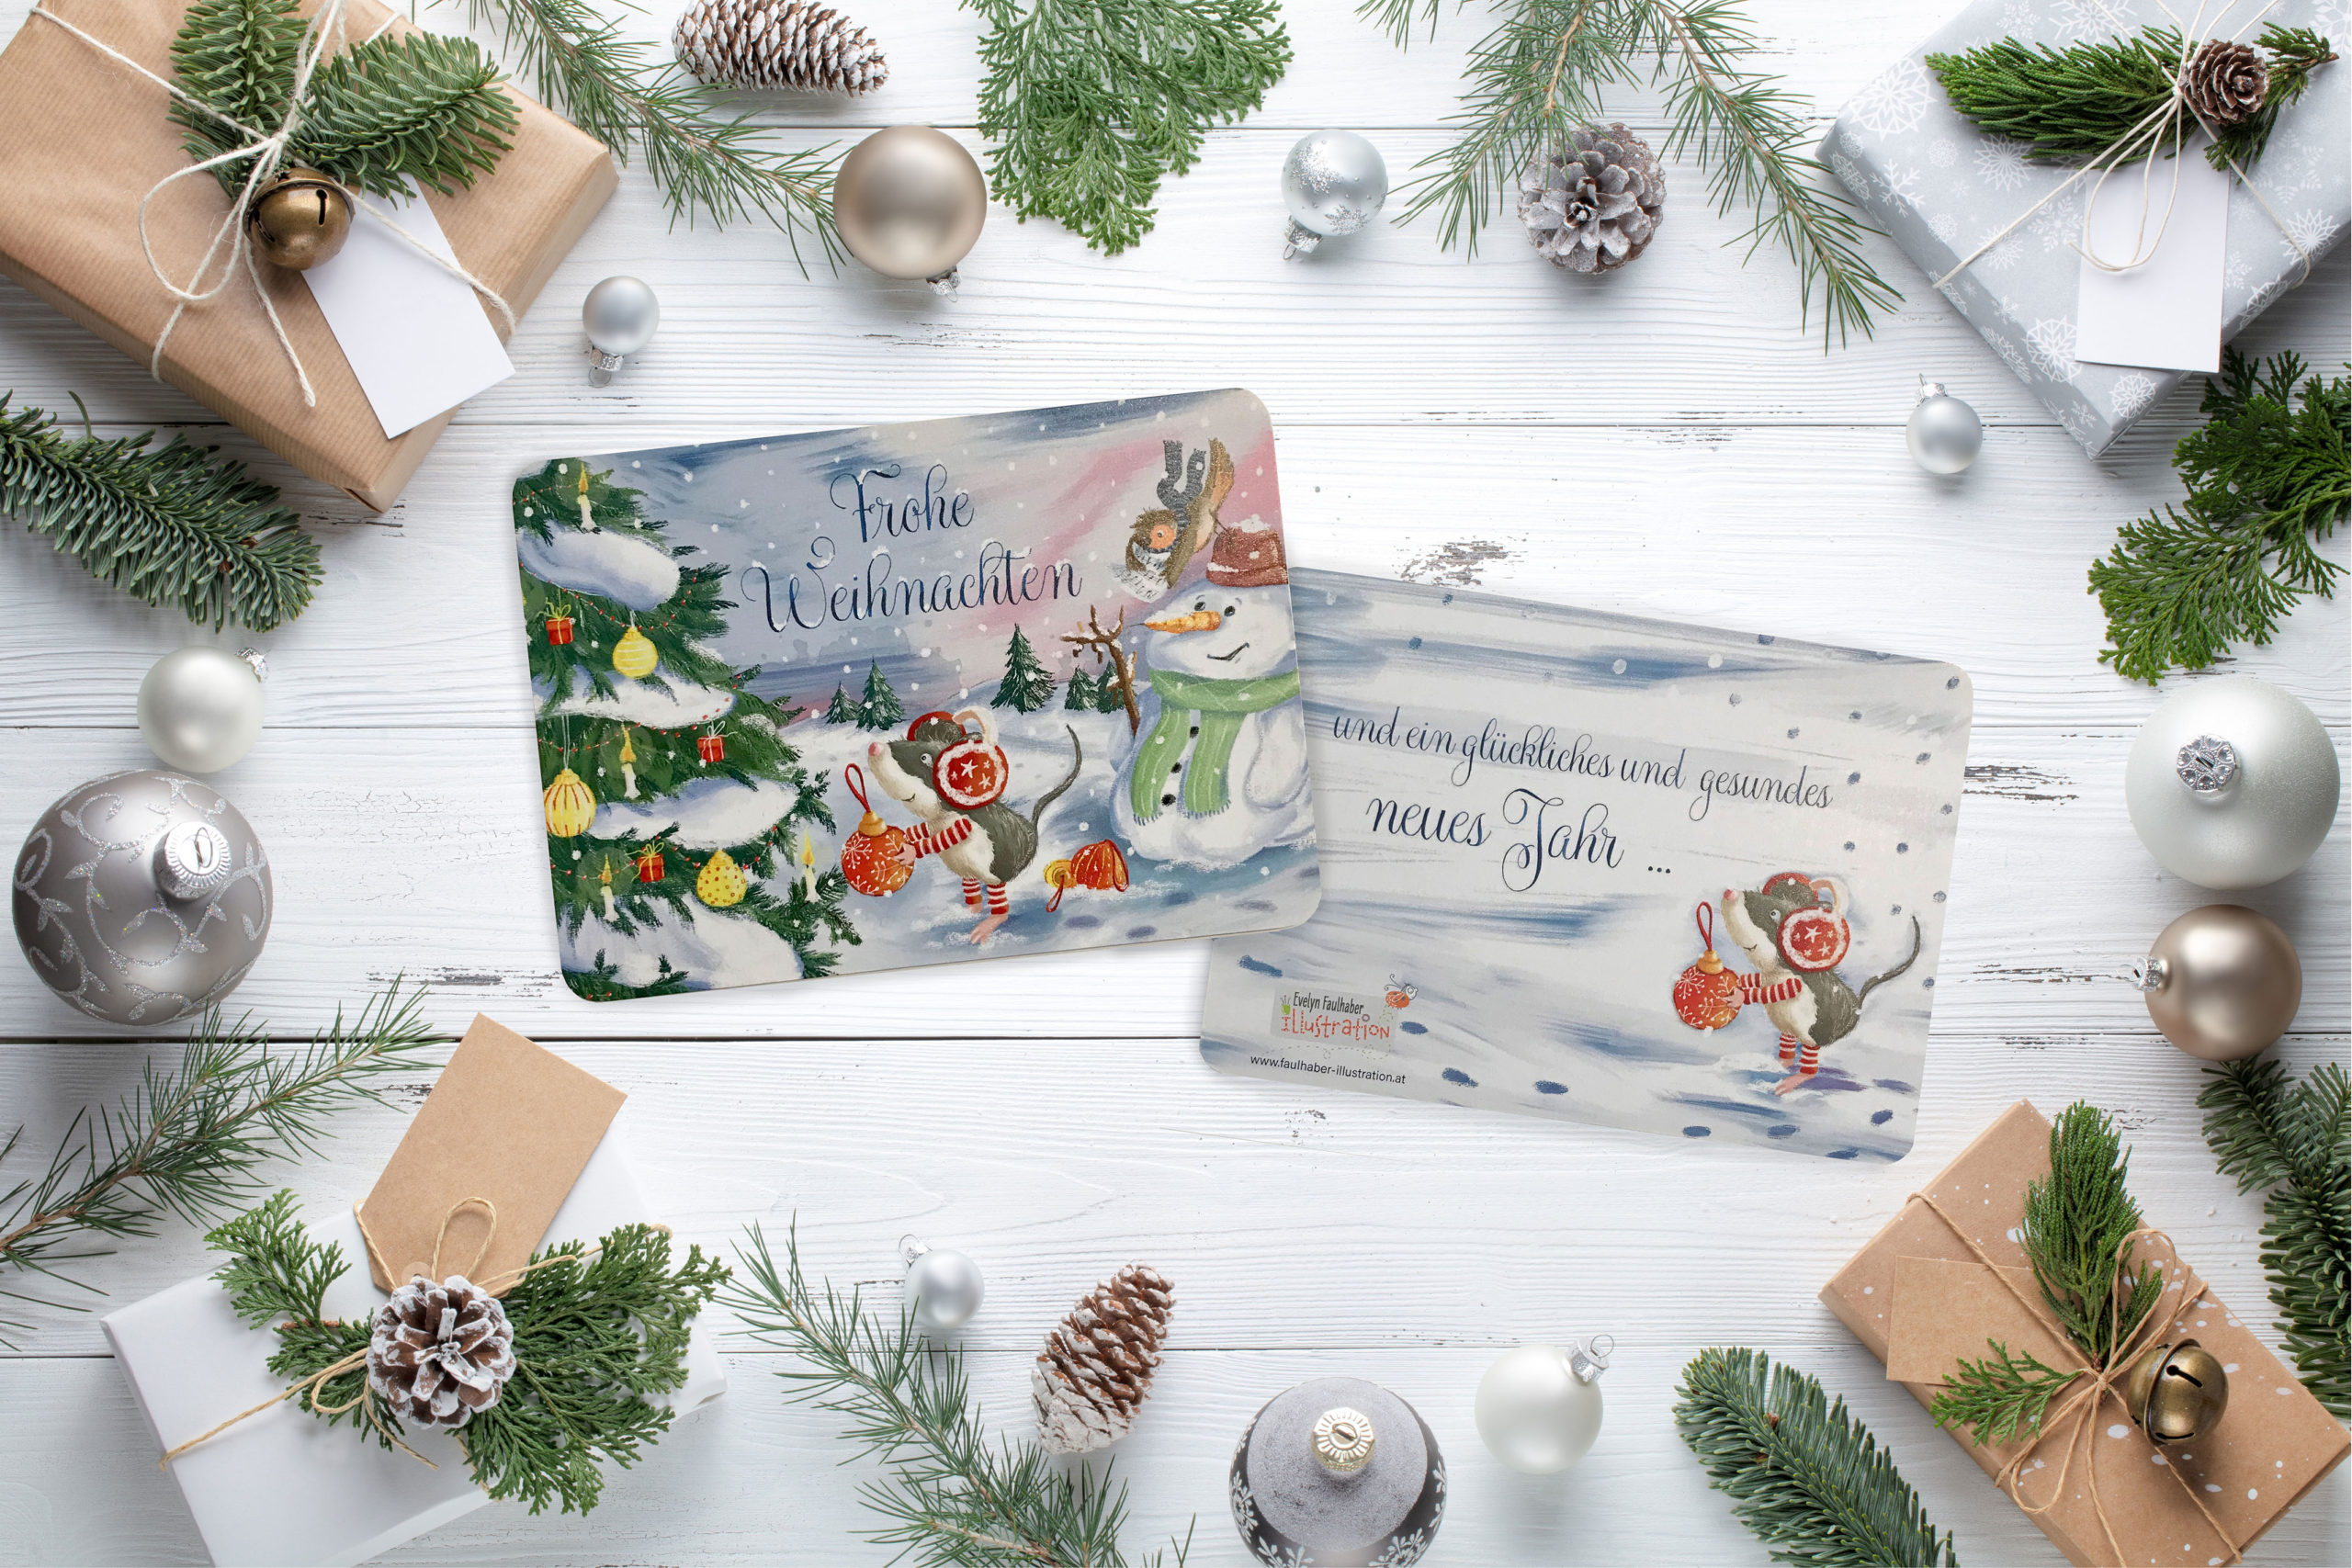 weihnachtskarte, weihnachten, maus, tiere im wald, schneemann, weihnachtsmaus, christbaum, evelyn faulhaber illustration